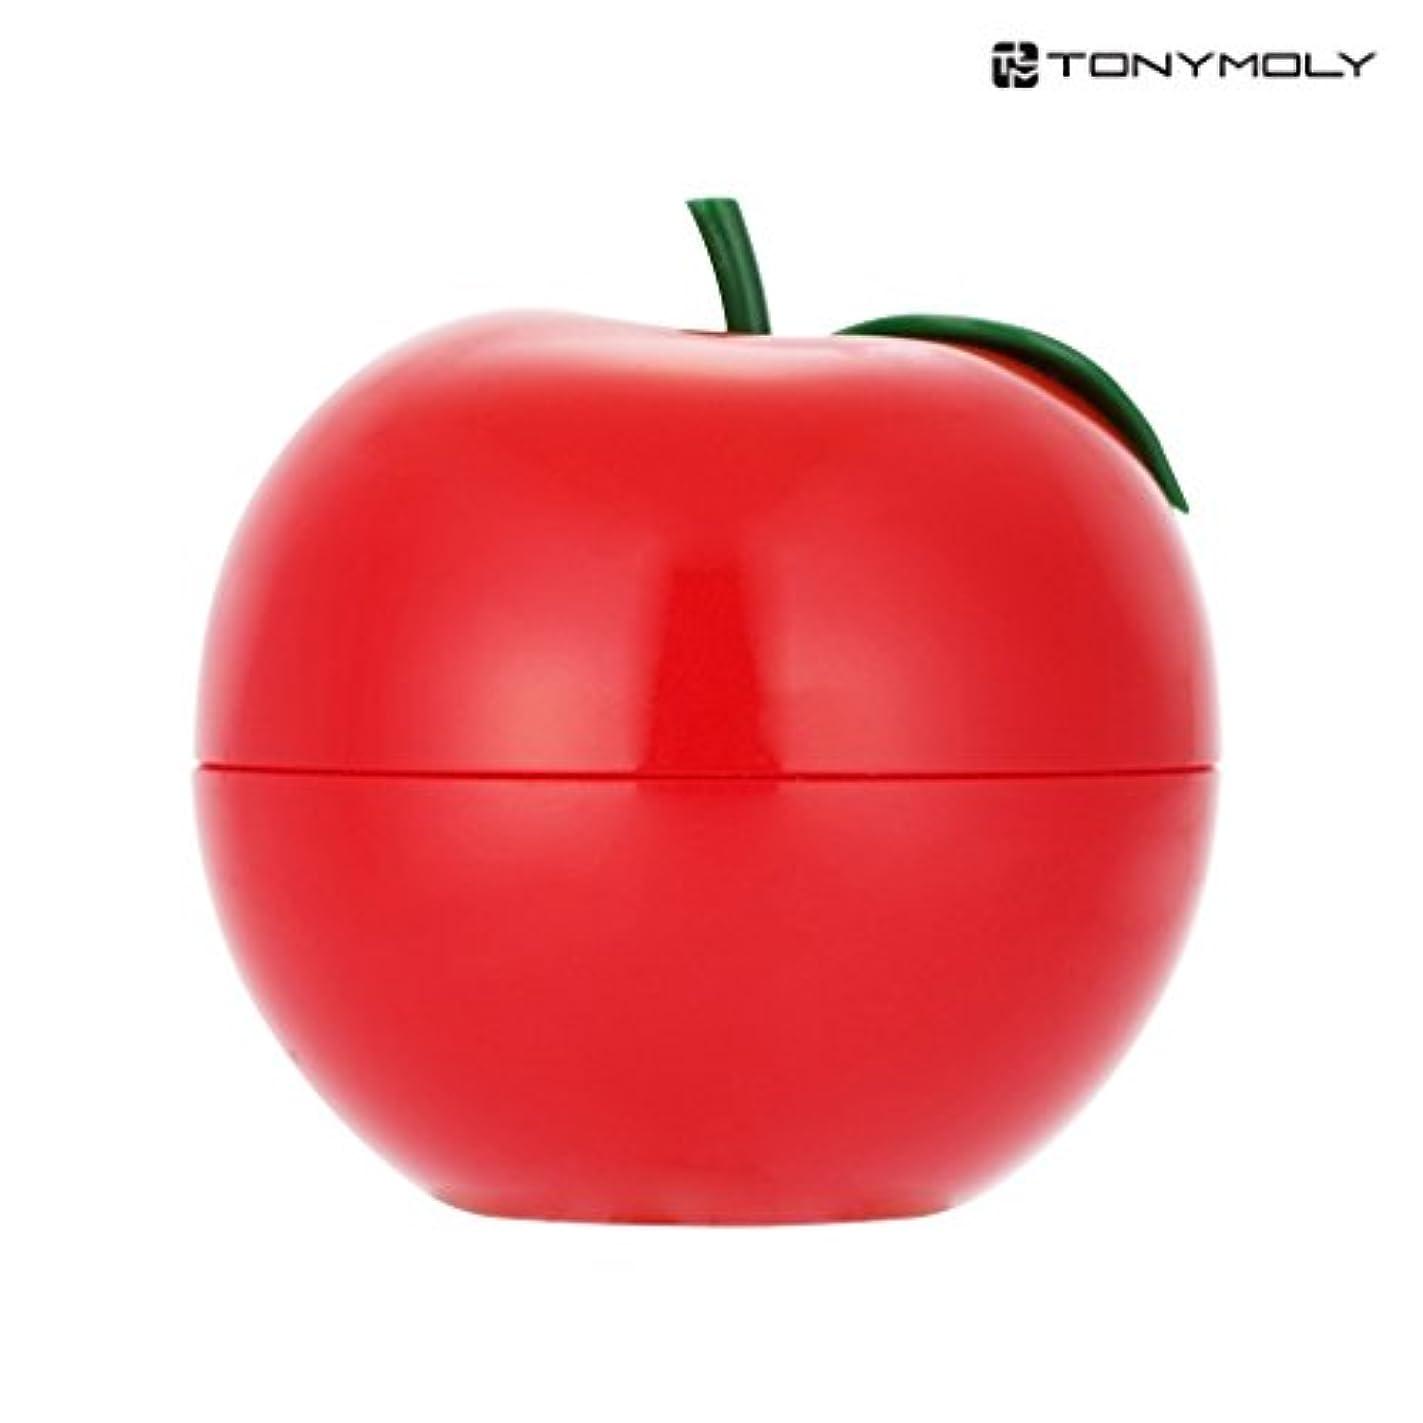 生理そよ風牧師TONYMOLY トニーモリー レッド?アップル?ハンドクリーム 30g (Red Apple Hand Cream) 海外直送品